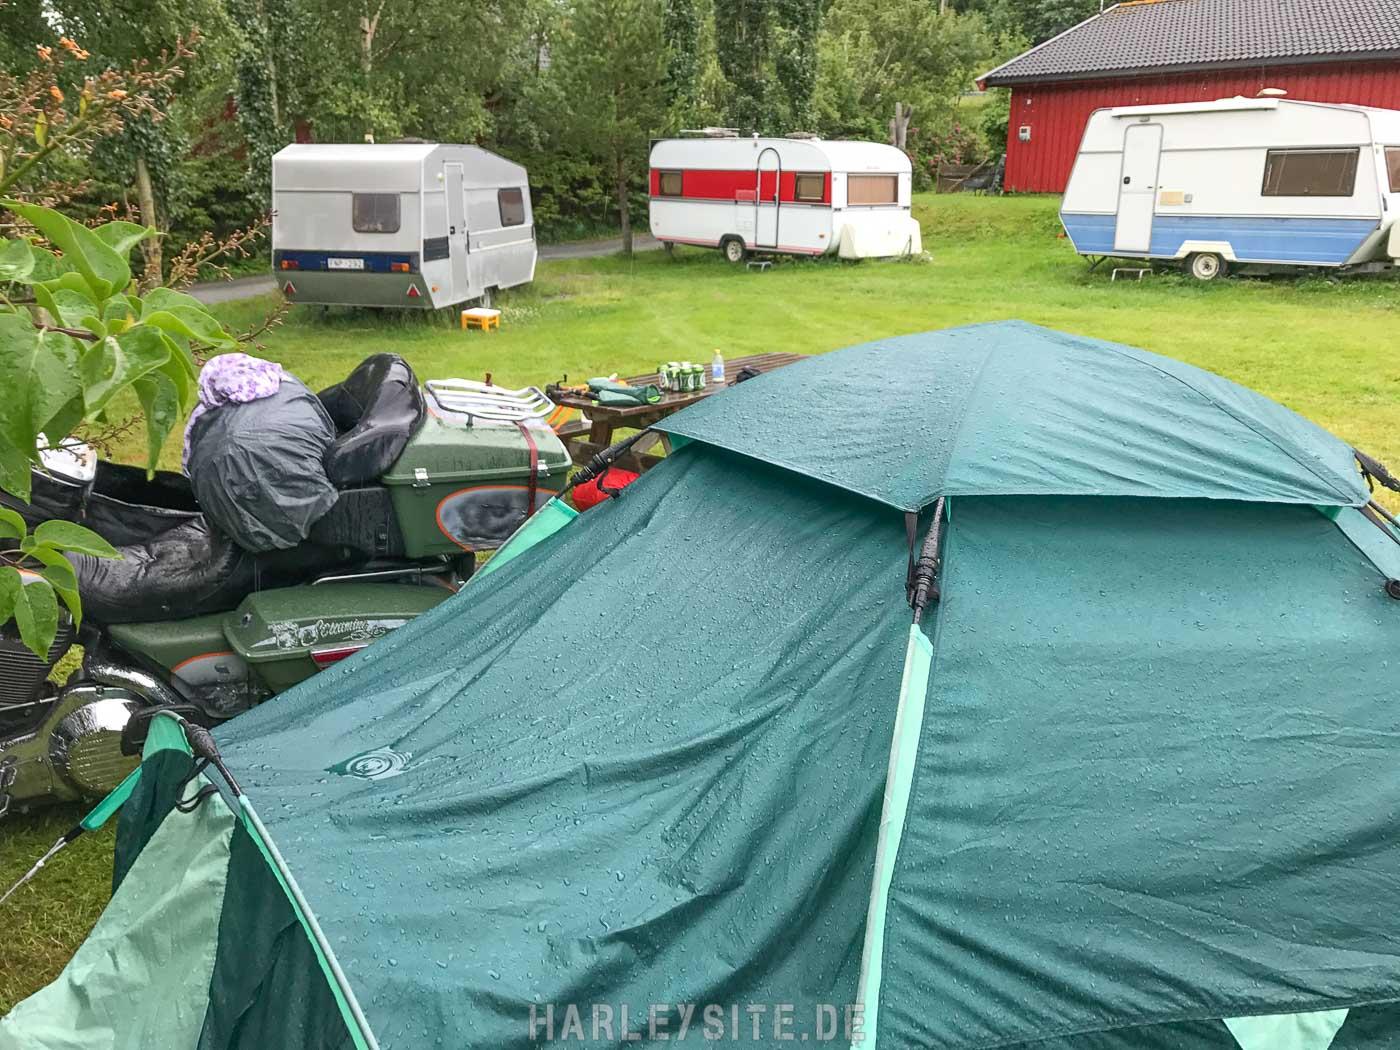 264 Harley Nordkap Tour IMG 3071